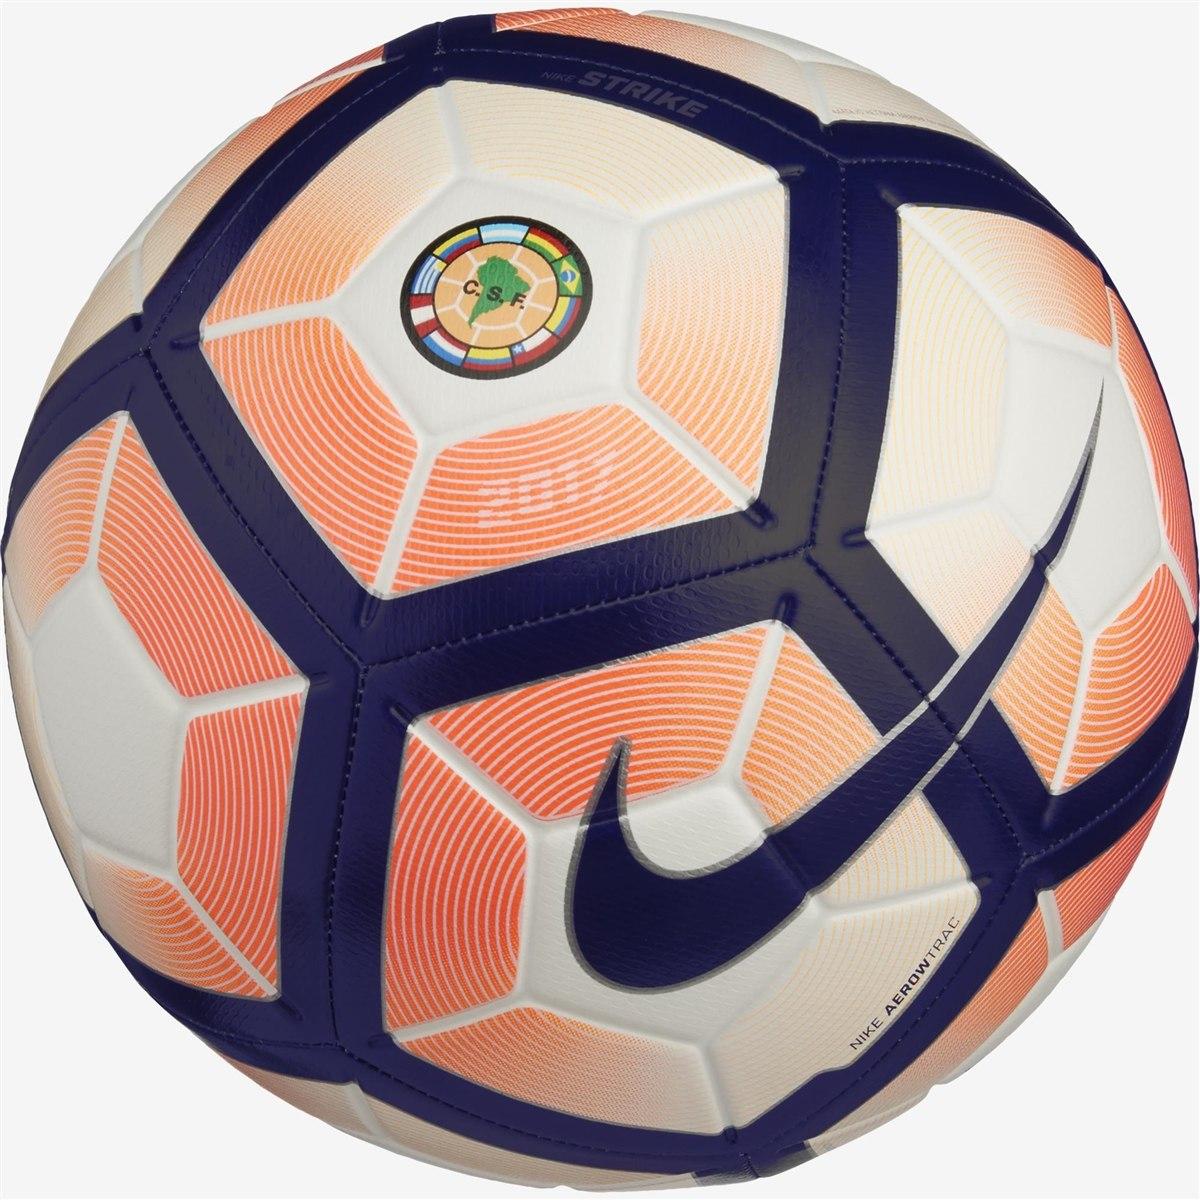 bola futebol de campo nike strike csf libertadores original. Carregando  zoom. bcb26dc1f5fd9